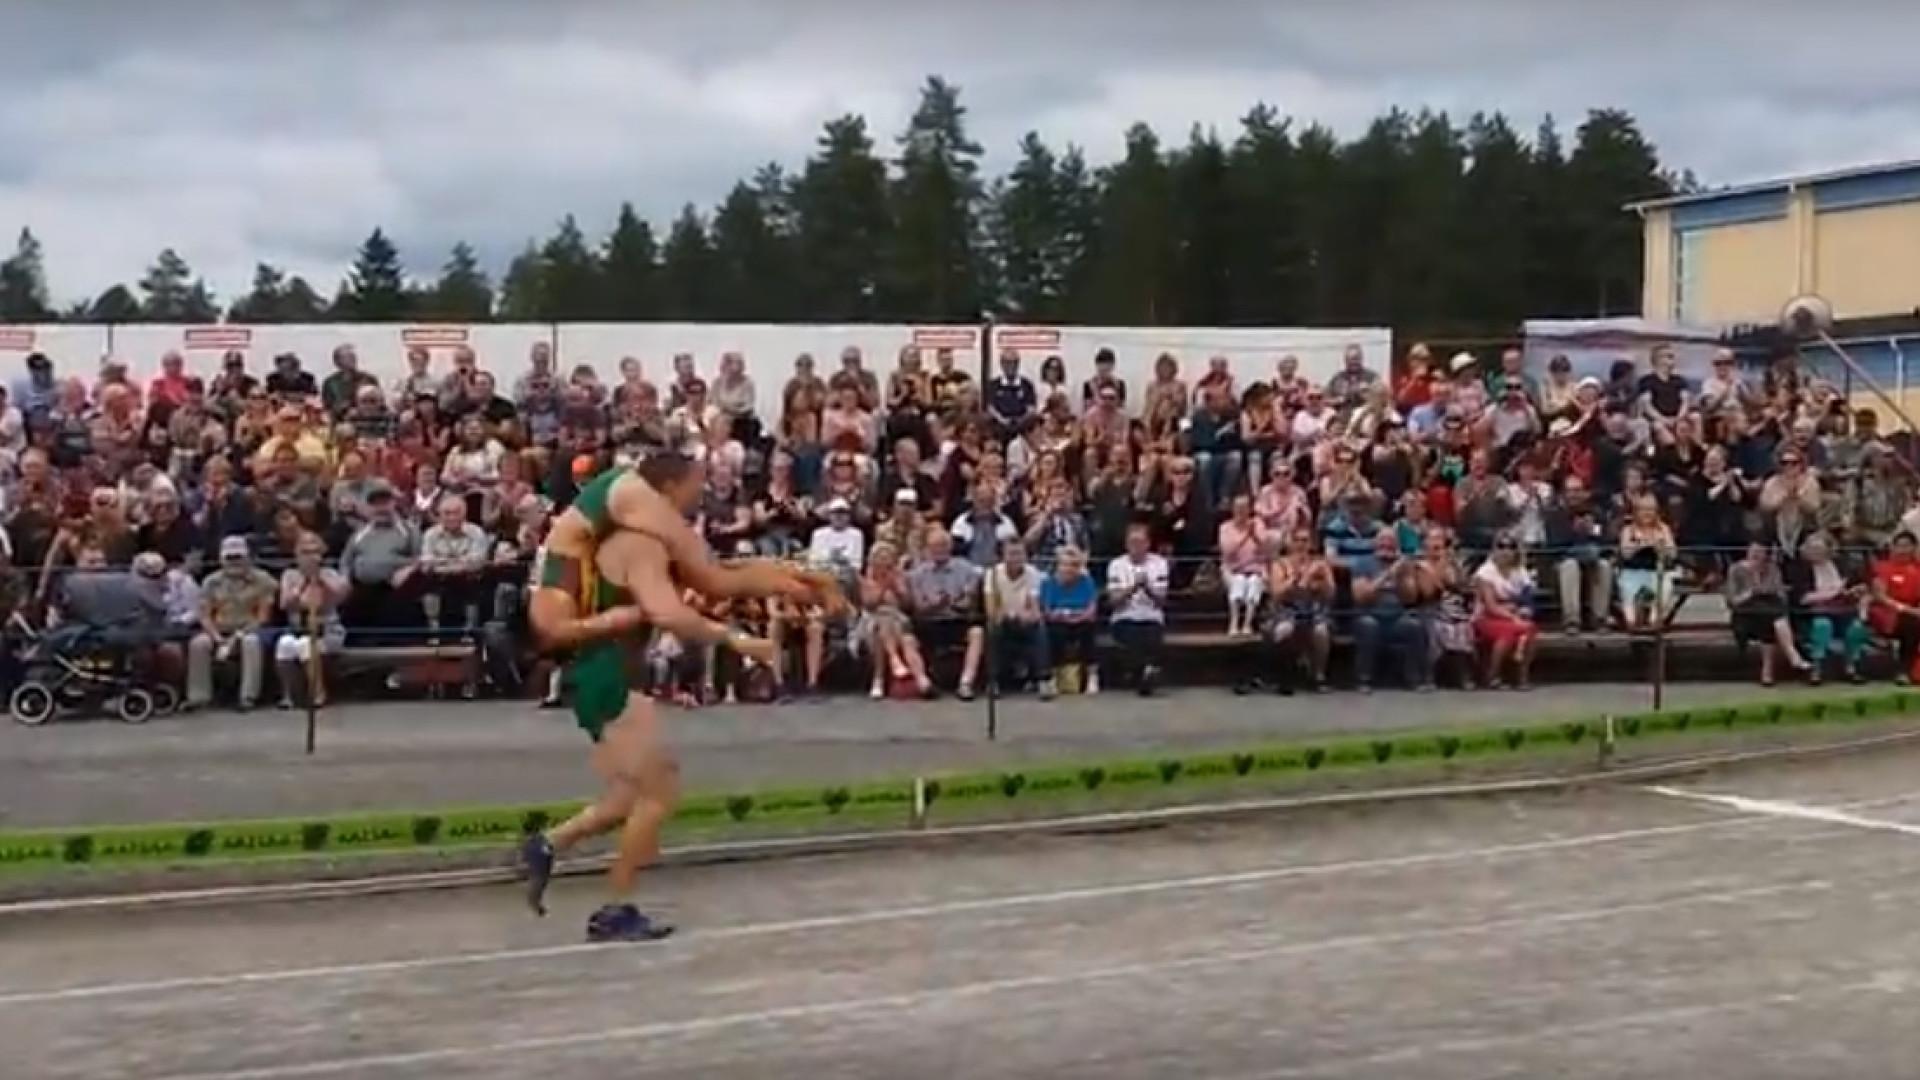 Uma corrida em que o homem leva esposa ao colo? Sim, acontece